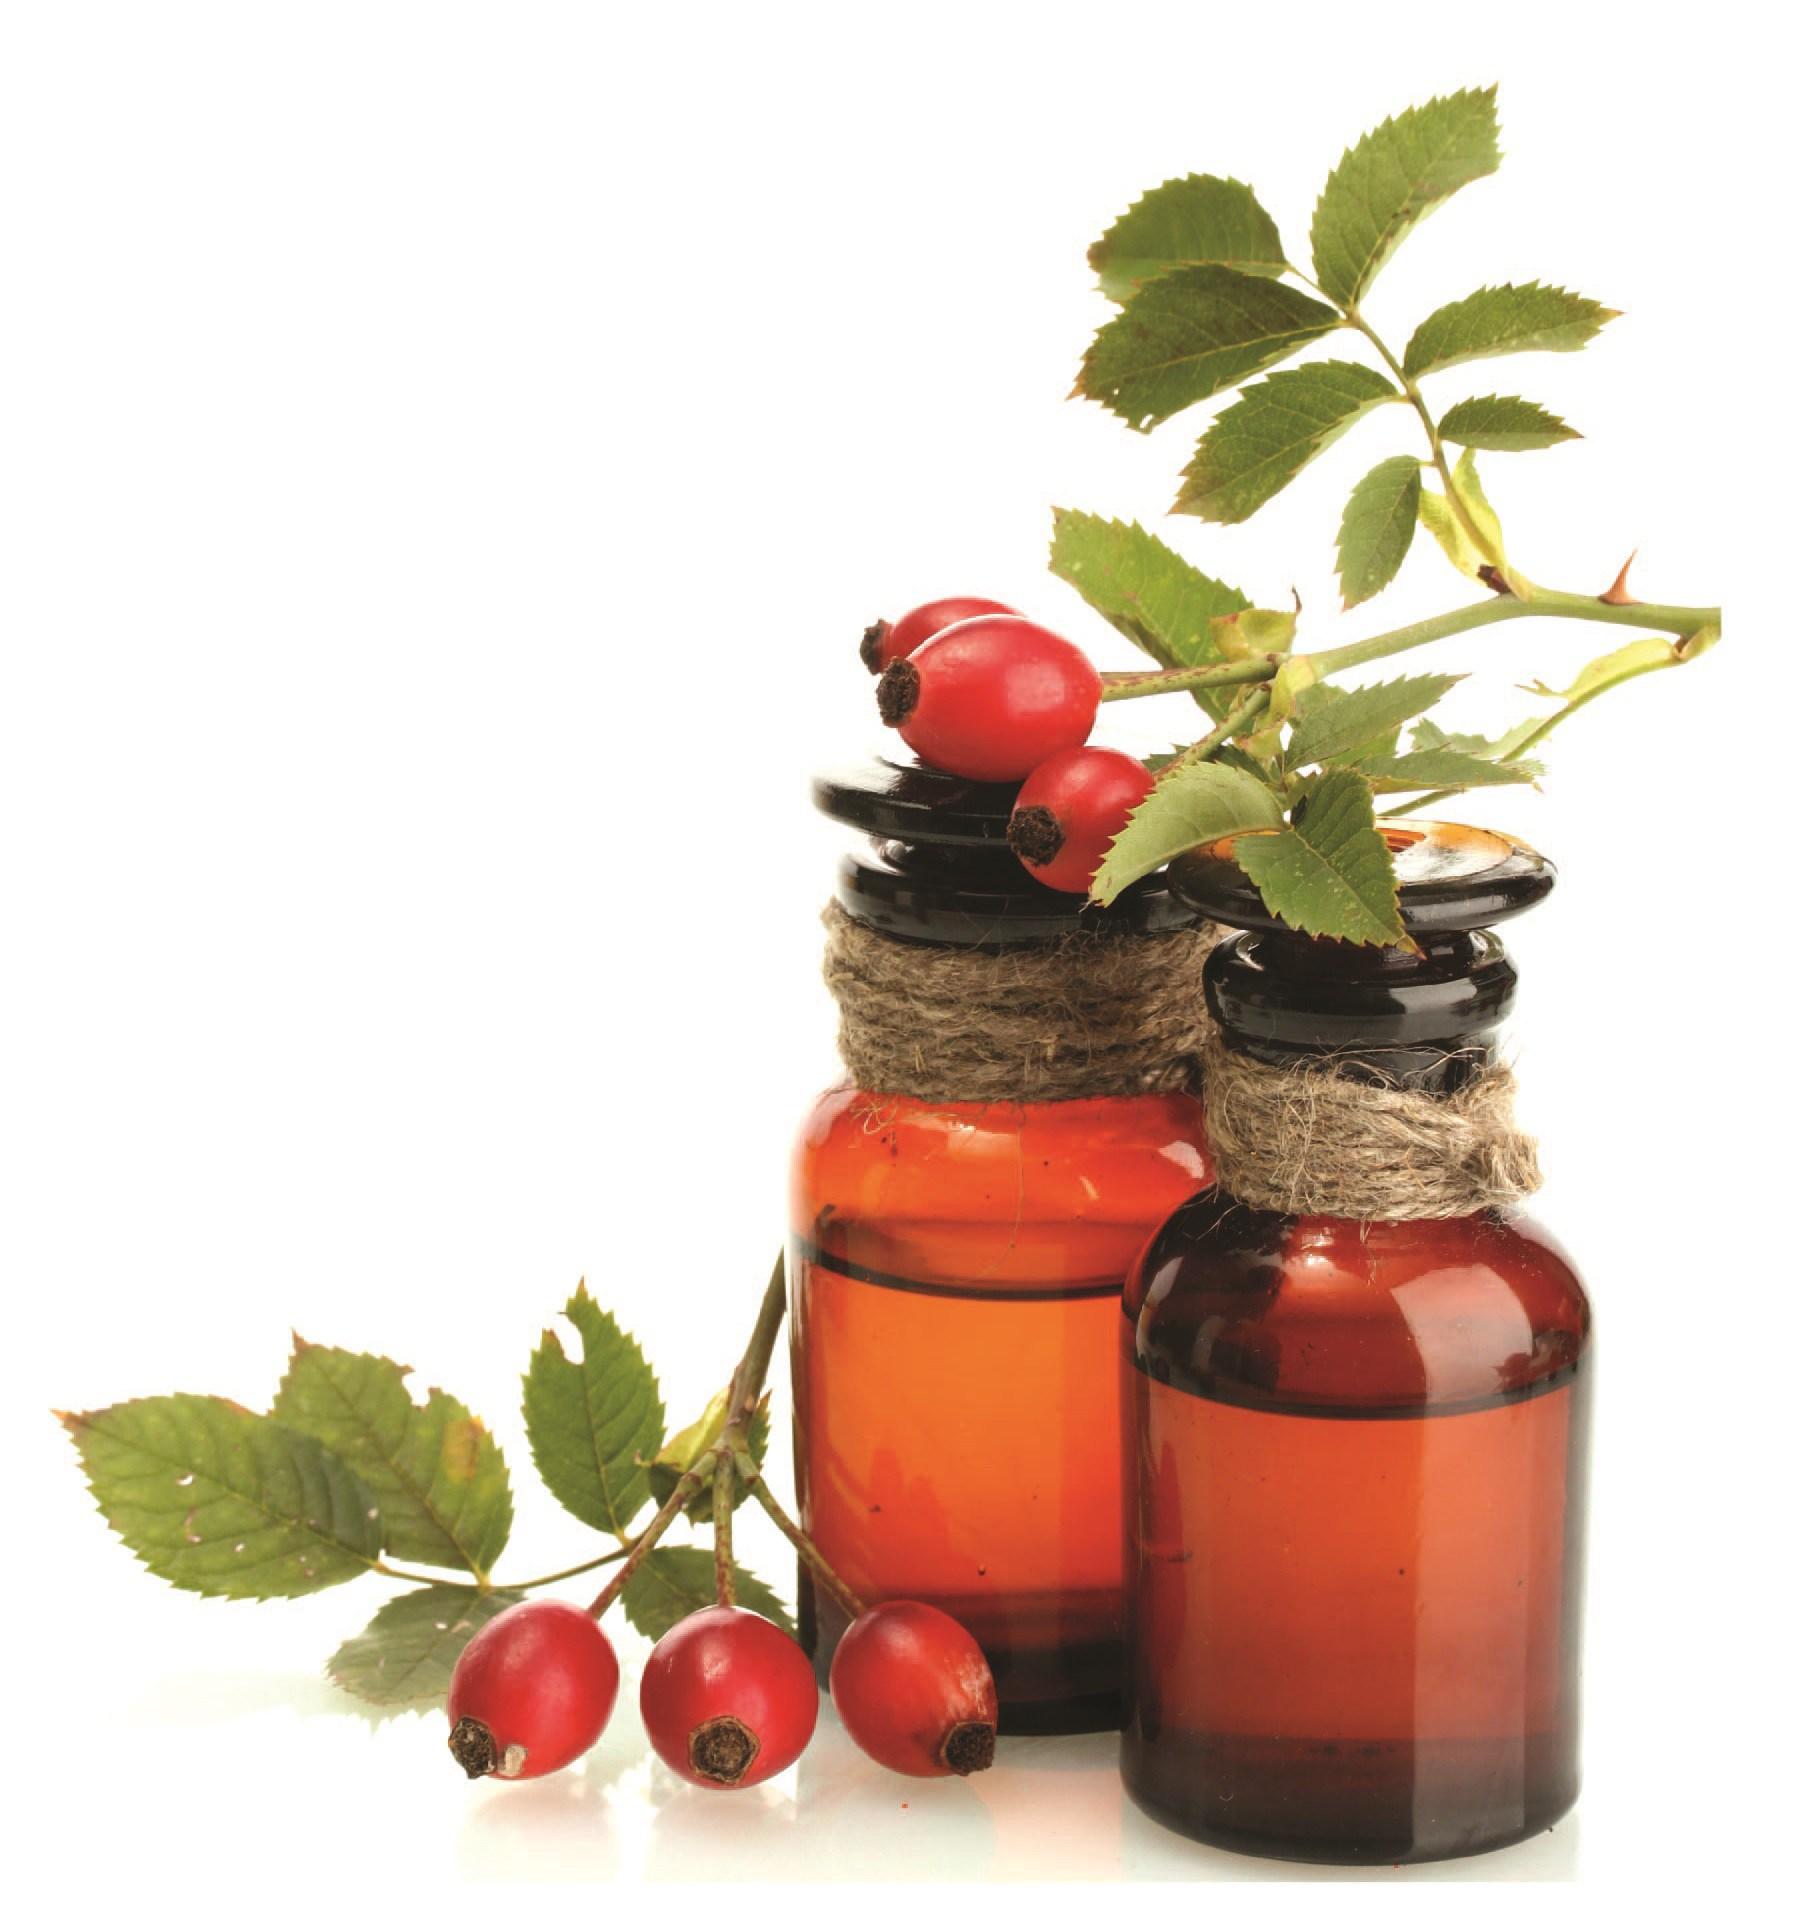 lo-ultimo-en-aceites-naturales-p1551121515